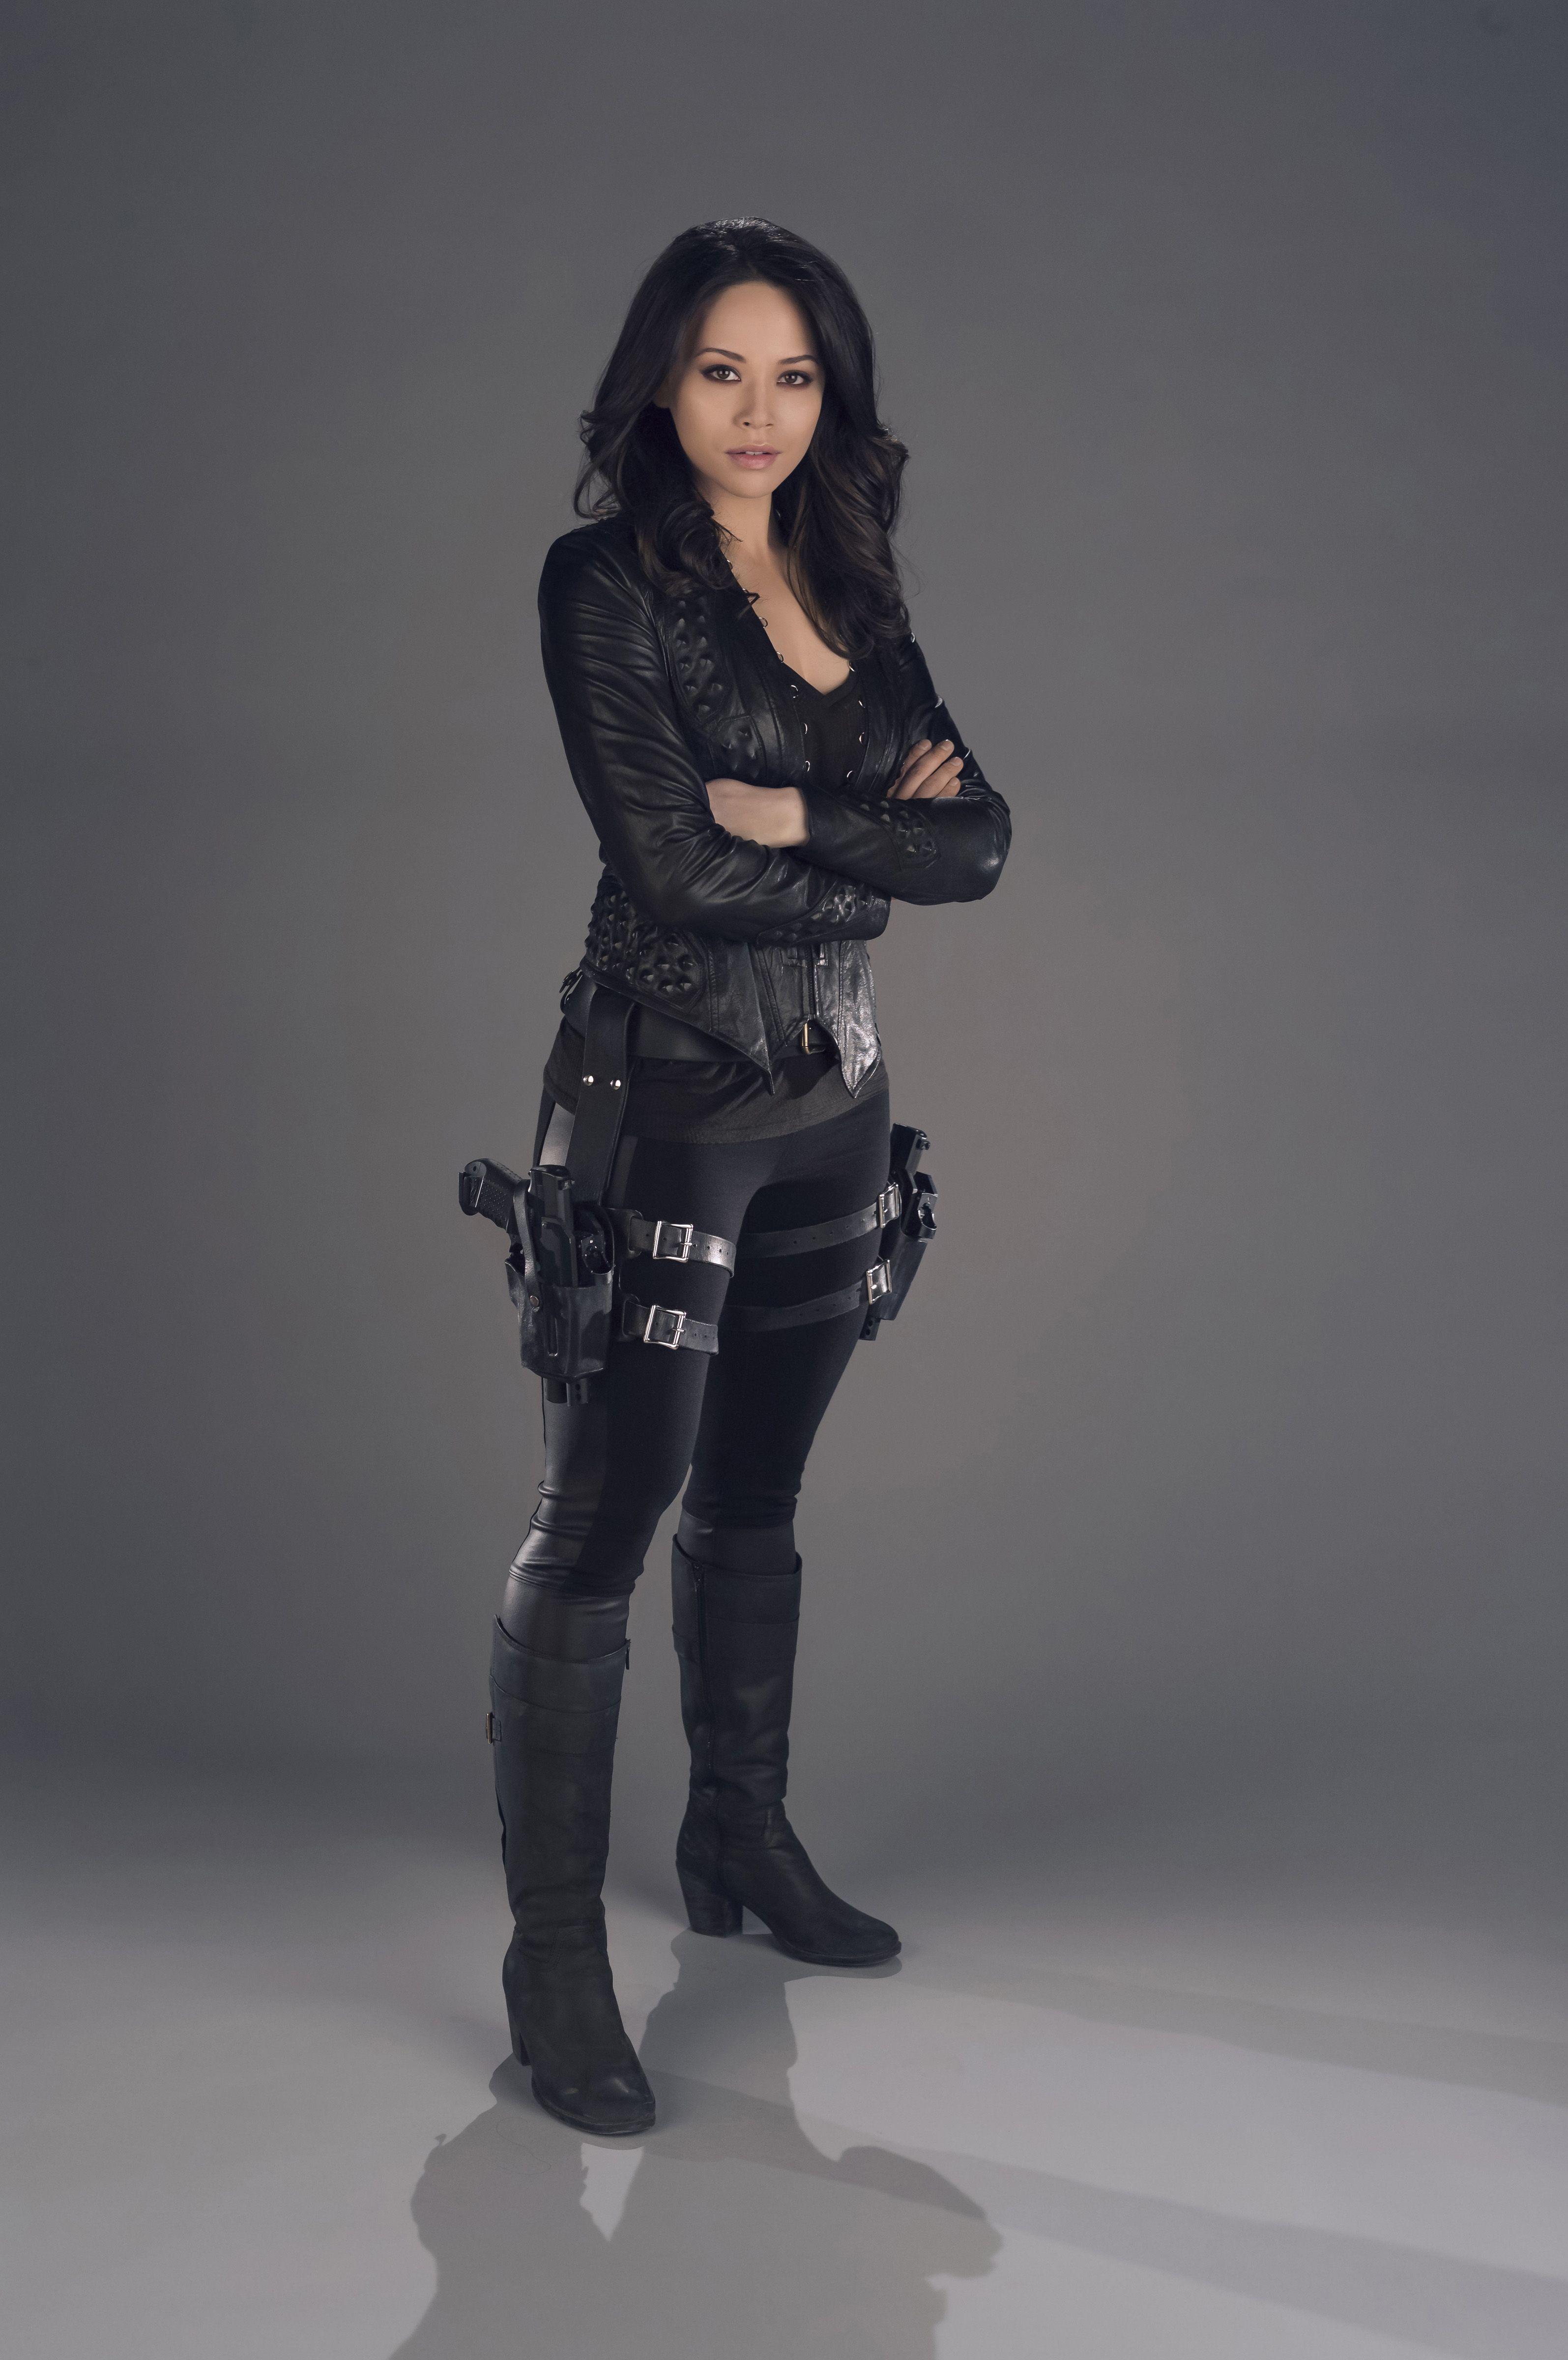 Dark Matter S1 Melissa O'Neil as